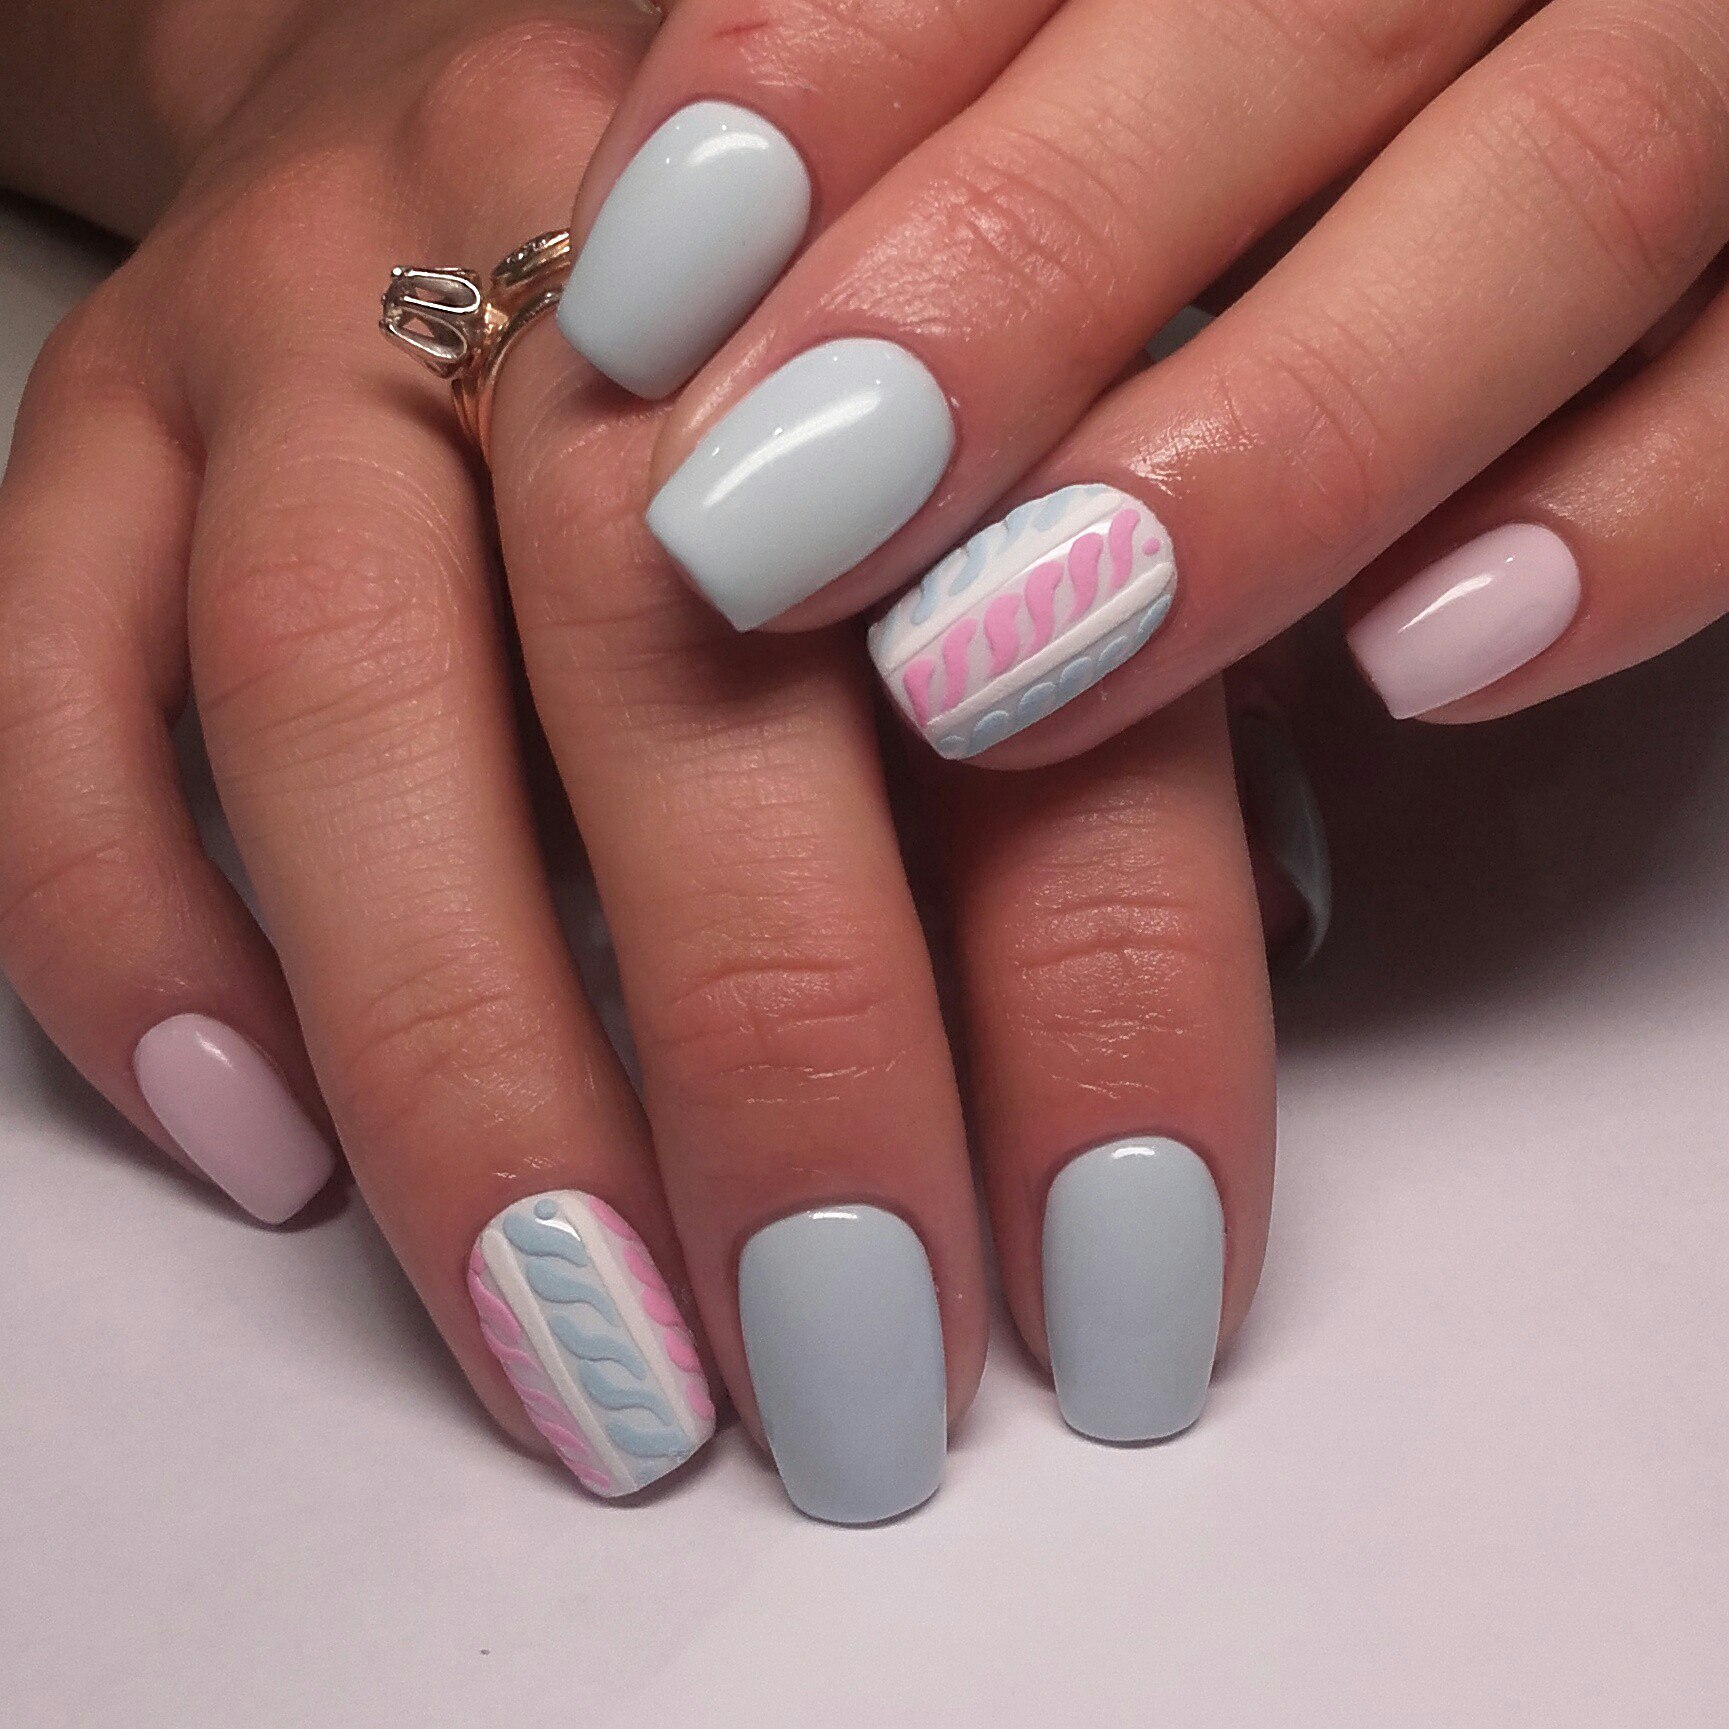 Ногти Накрашены Разным Лаком Фото